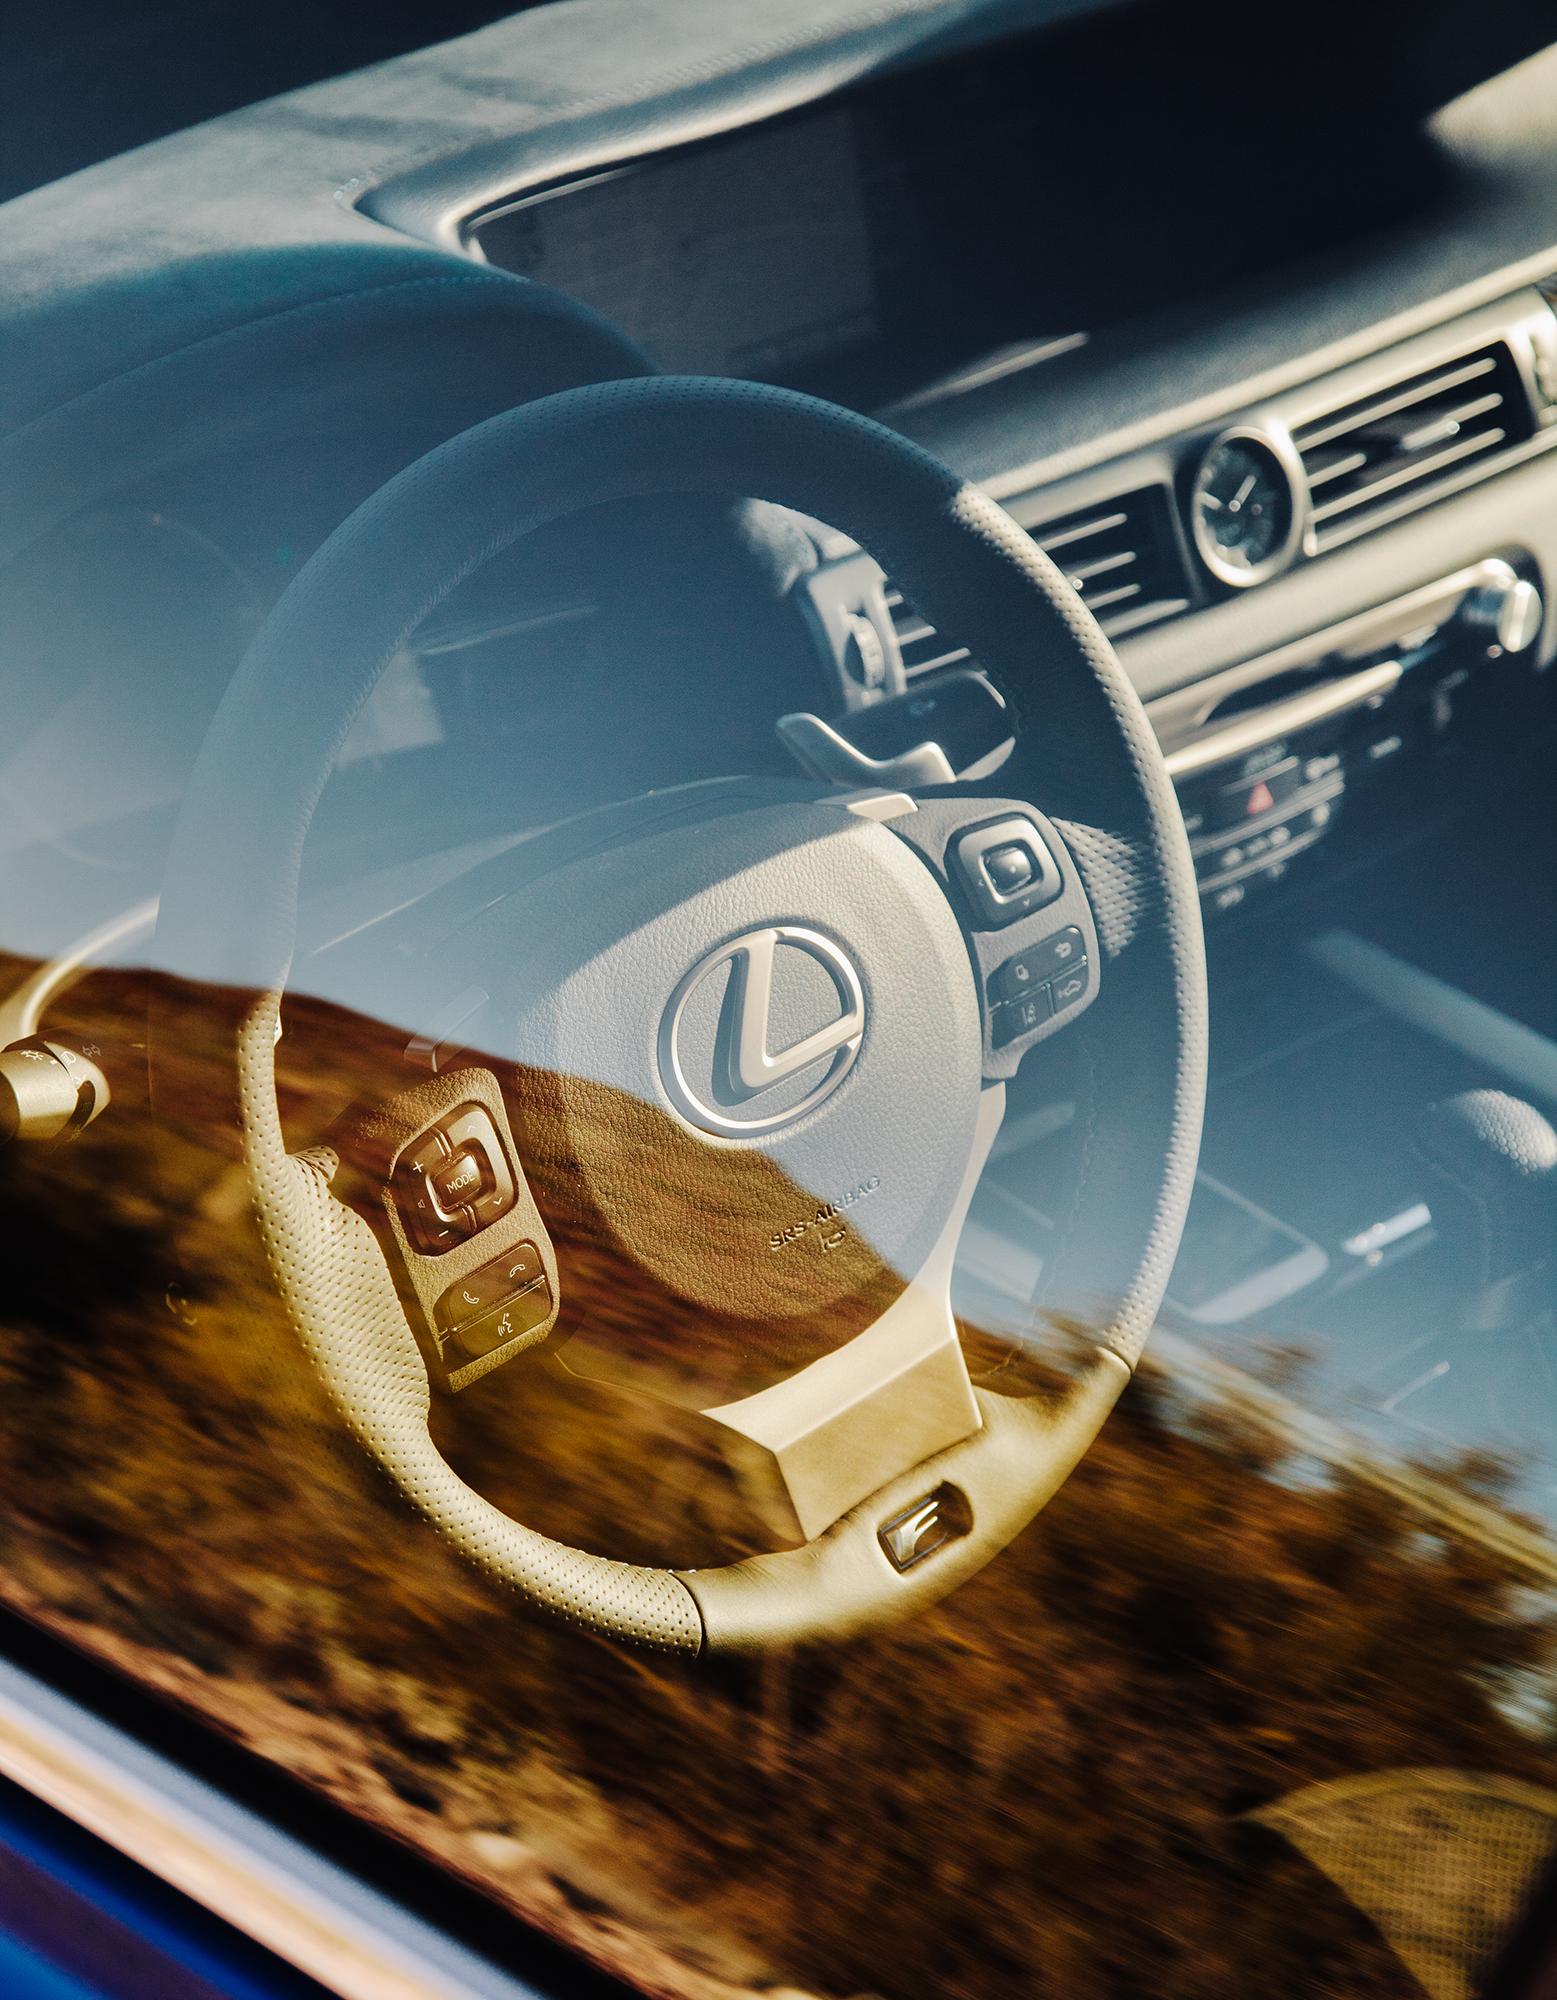 Lexus_Reveal_Details_SteeringWheel_079.jpg